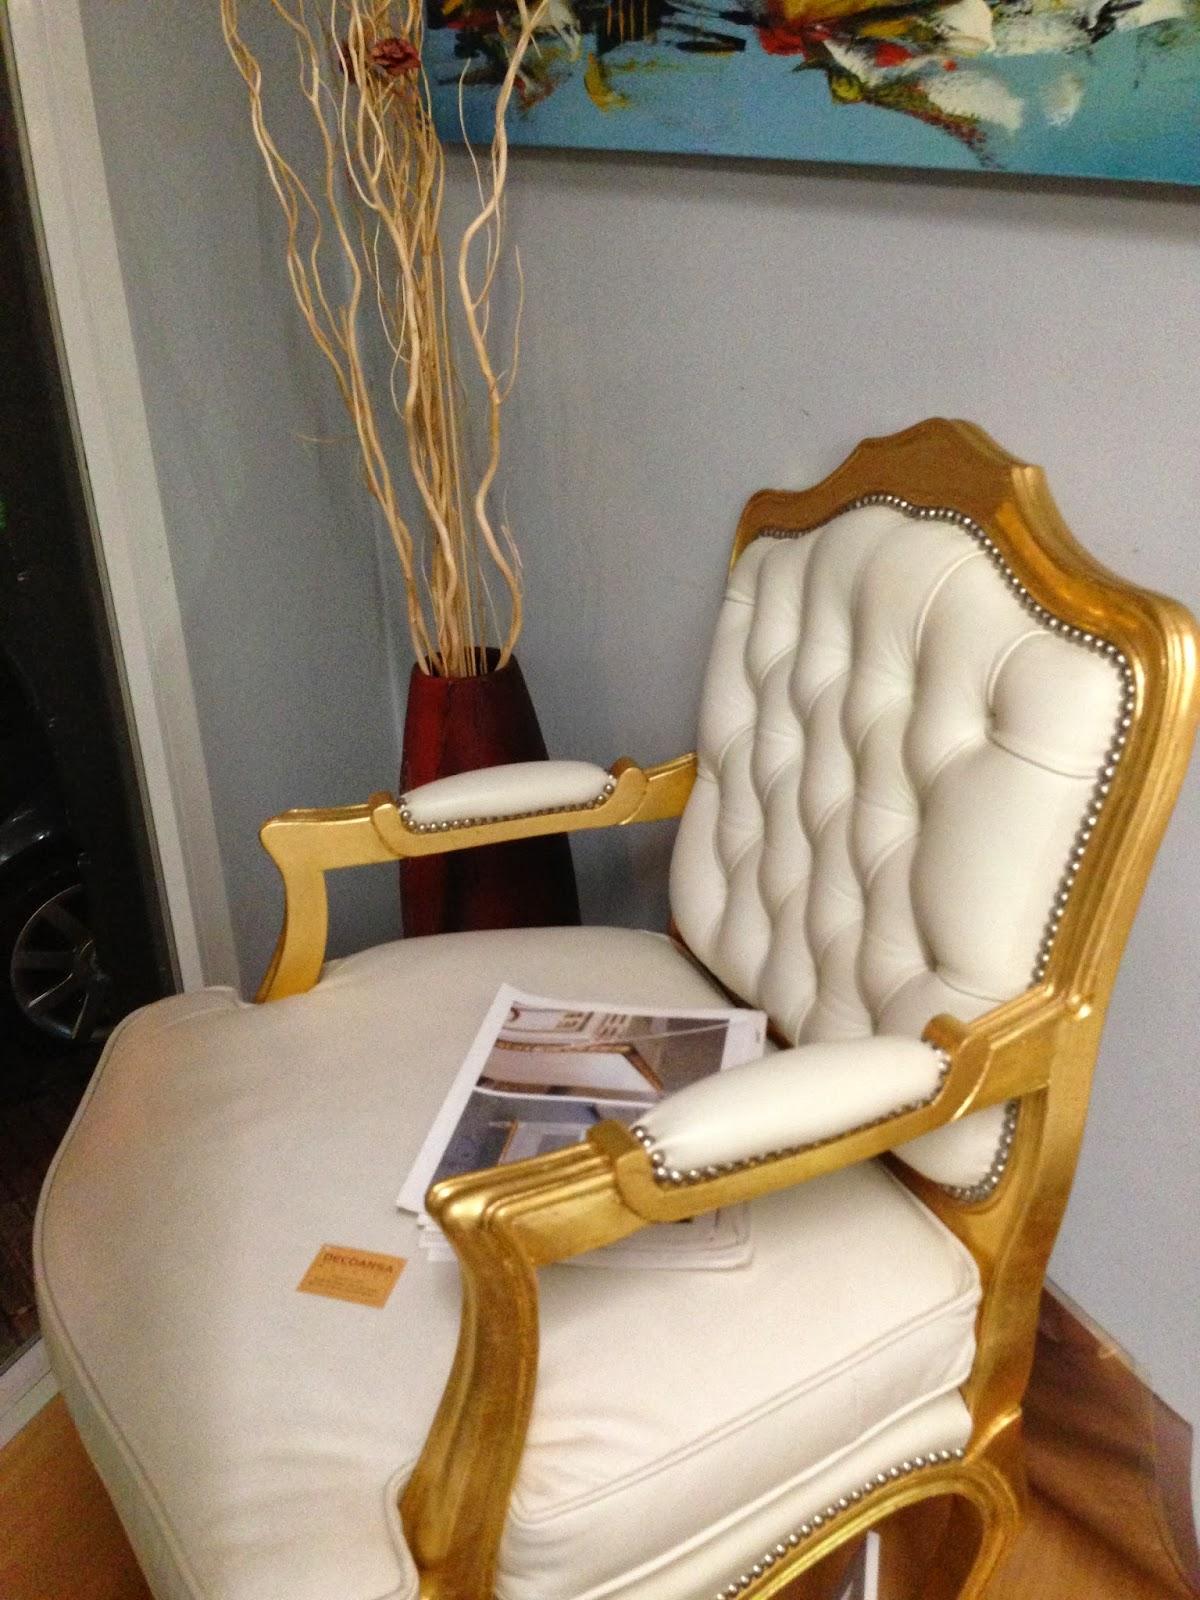 Muebles a medida y decoraci n a coru a butac n - Muebles a coruna ...